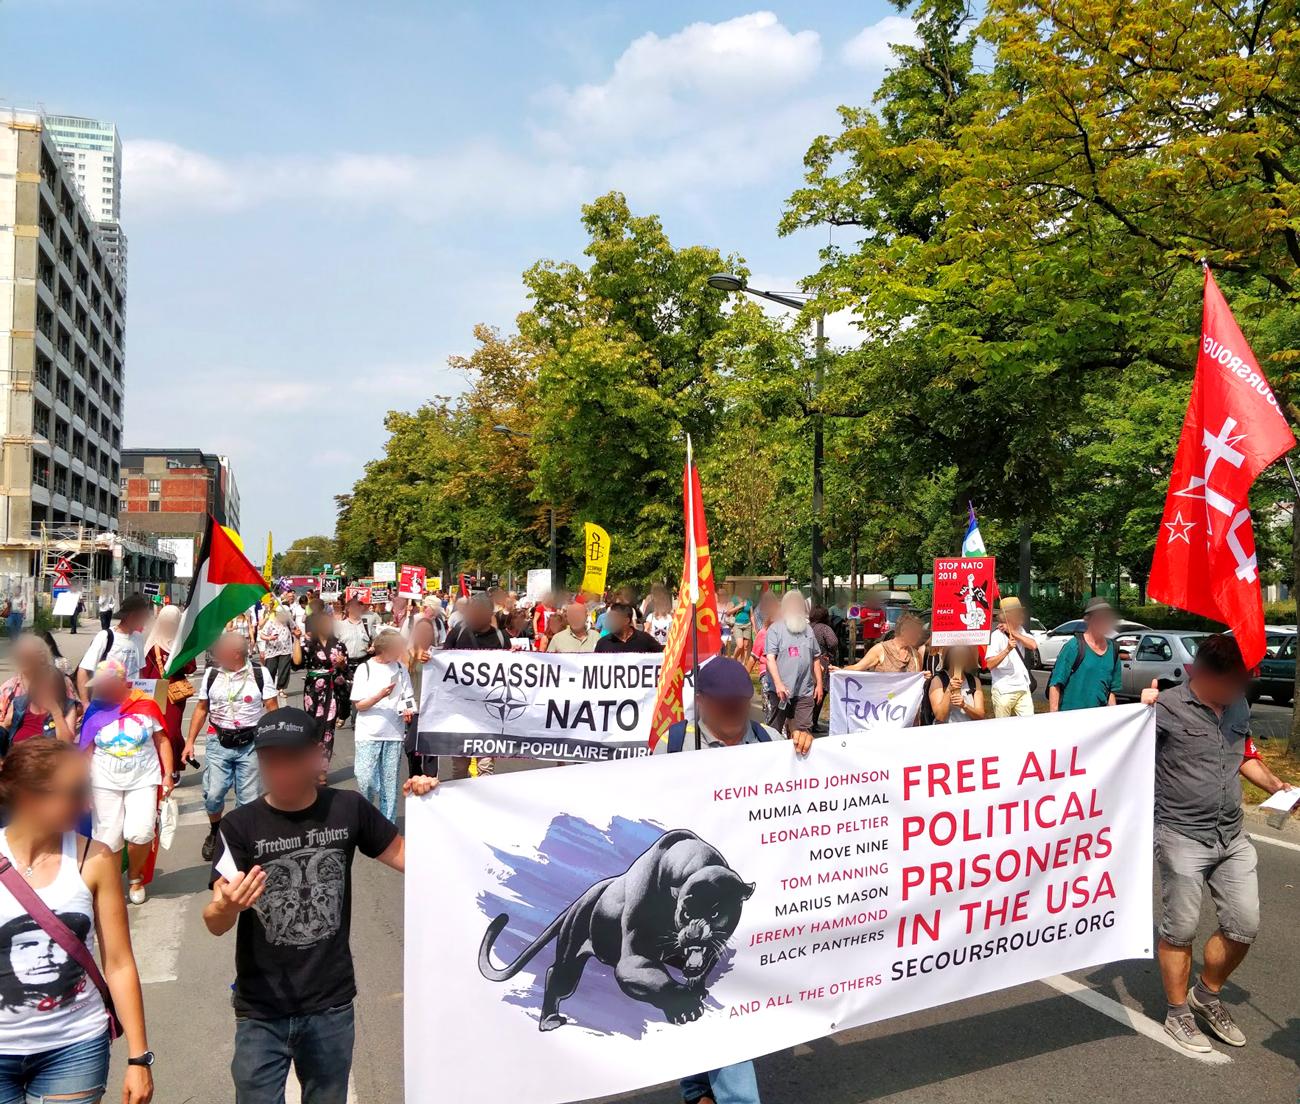 Liberté pour tous les prisonniers politiques aux USA